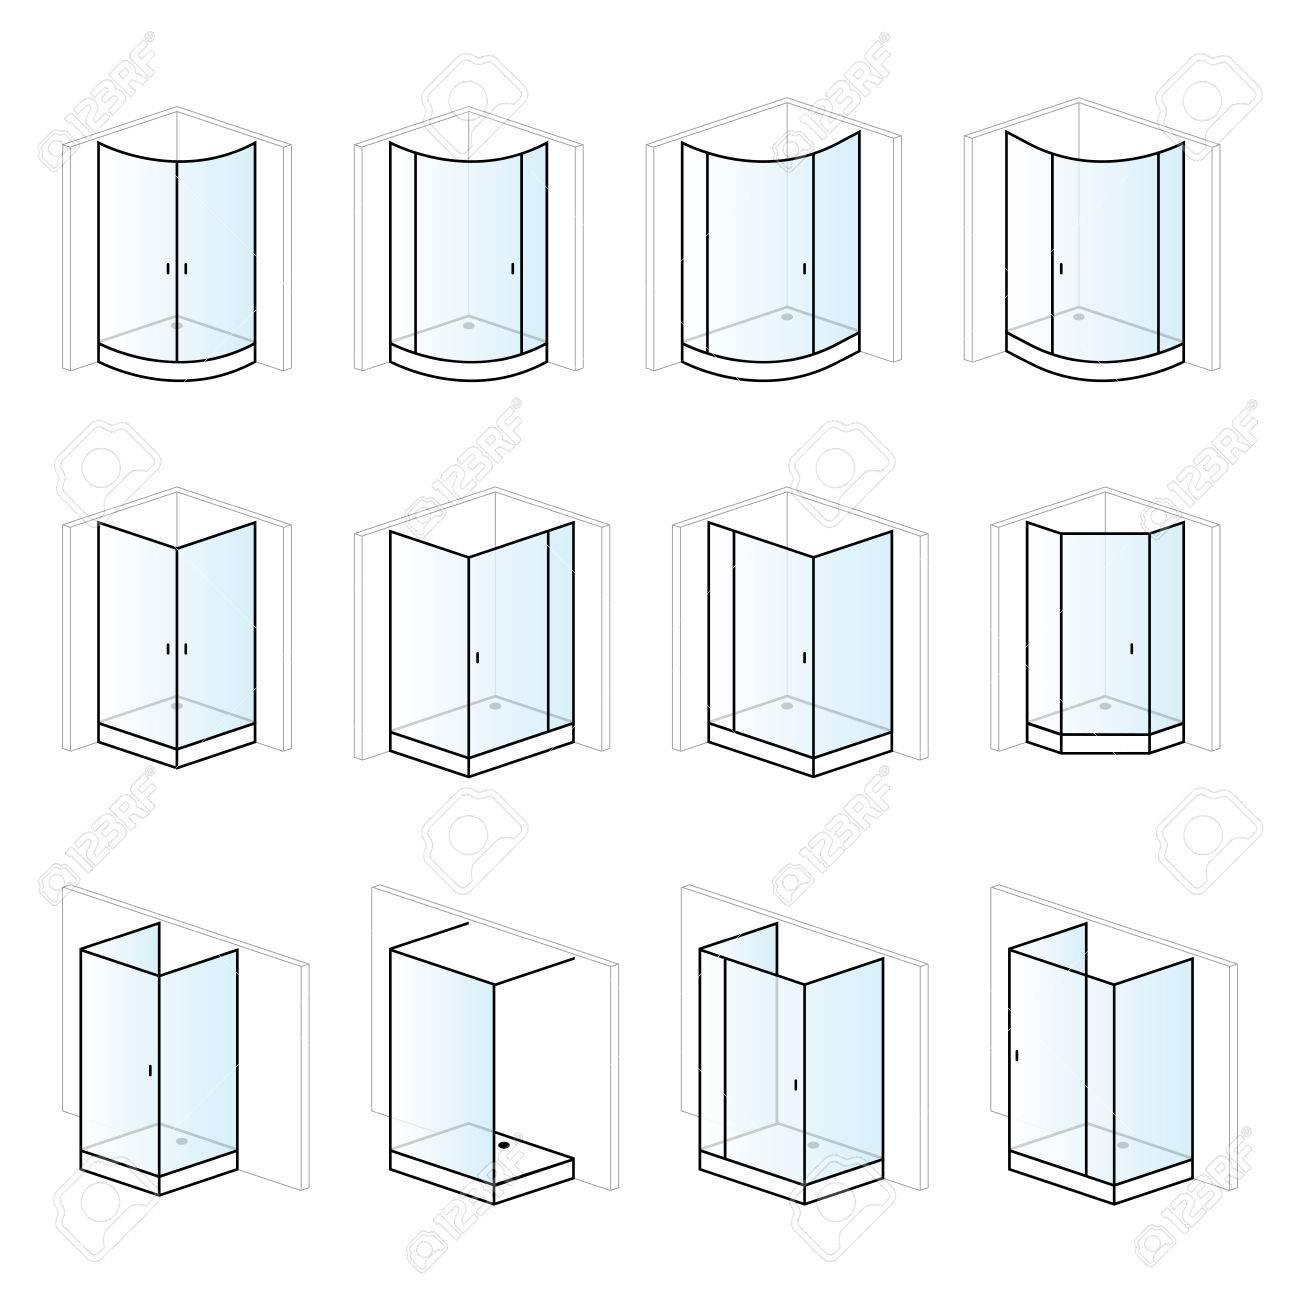 Tamanos Platos De Ducha.Cabinas De Ducha Platos De Ducha En Soluciones De Montaje Y Montaje De Banos De Piscinas De Gran Tamano Y Altas